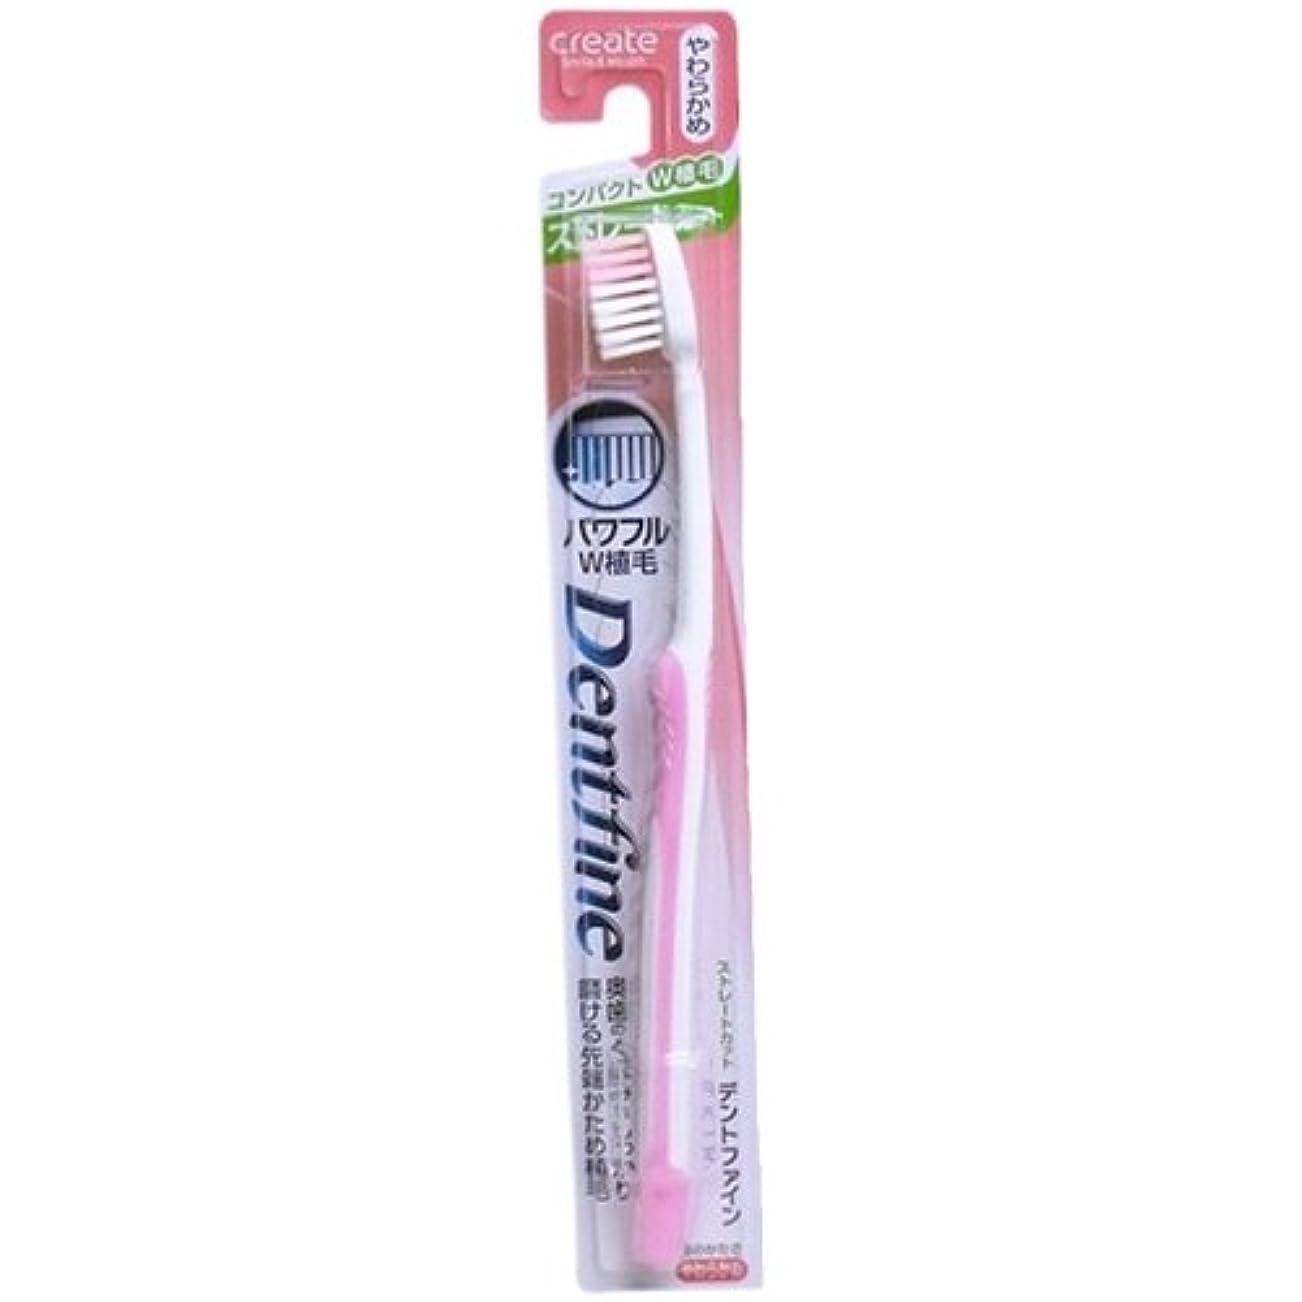 流延ばす値下げデントファインラバーグリップ ストレートカット歯ブラシ やわらかめ 1本:ピンク